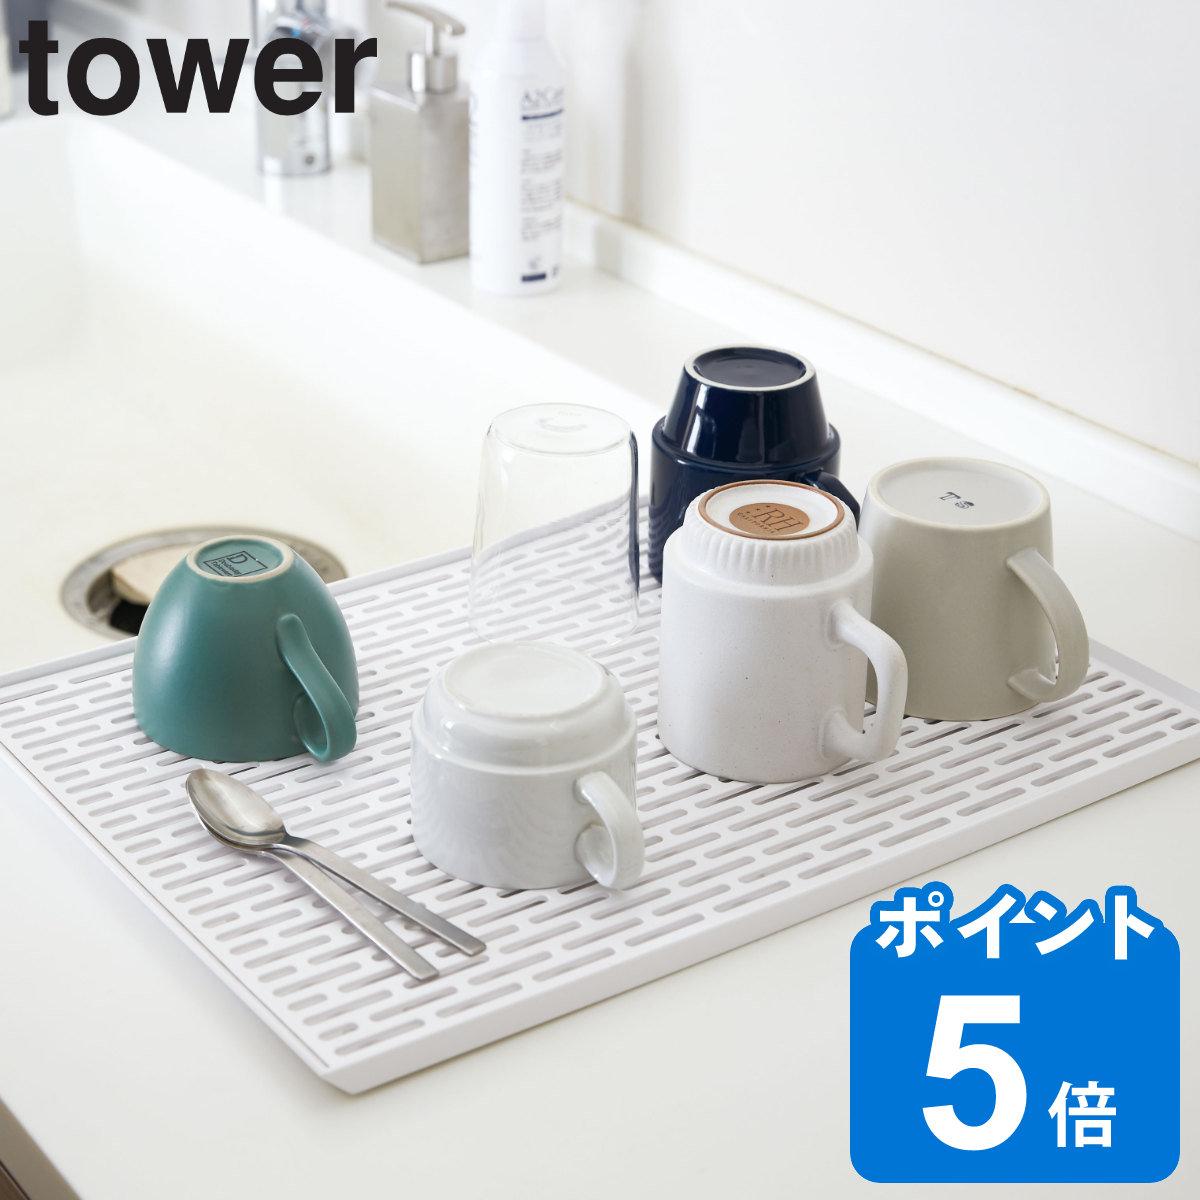 水切りトレー グラス&マグスタンド ワイド タワー tower ホワイト ( 水切りトレイ 水切りマット キッチン用品 )